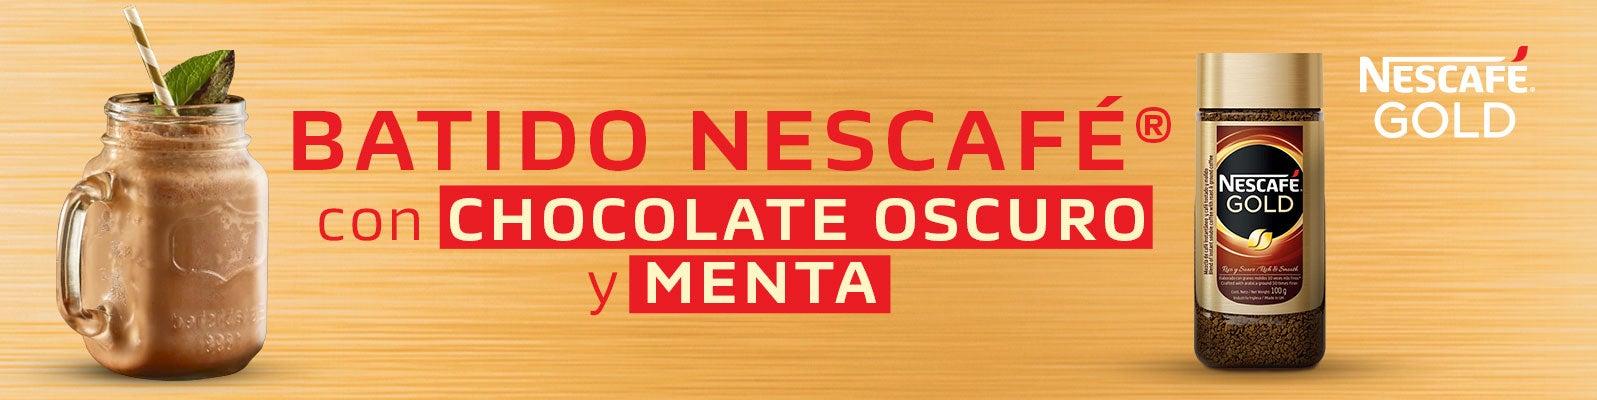 BATIDO NESCAFÉ® CON CHOCOLATE OSCURO Y MENTA